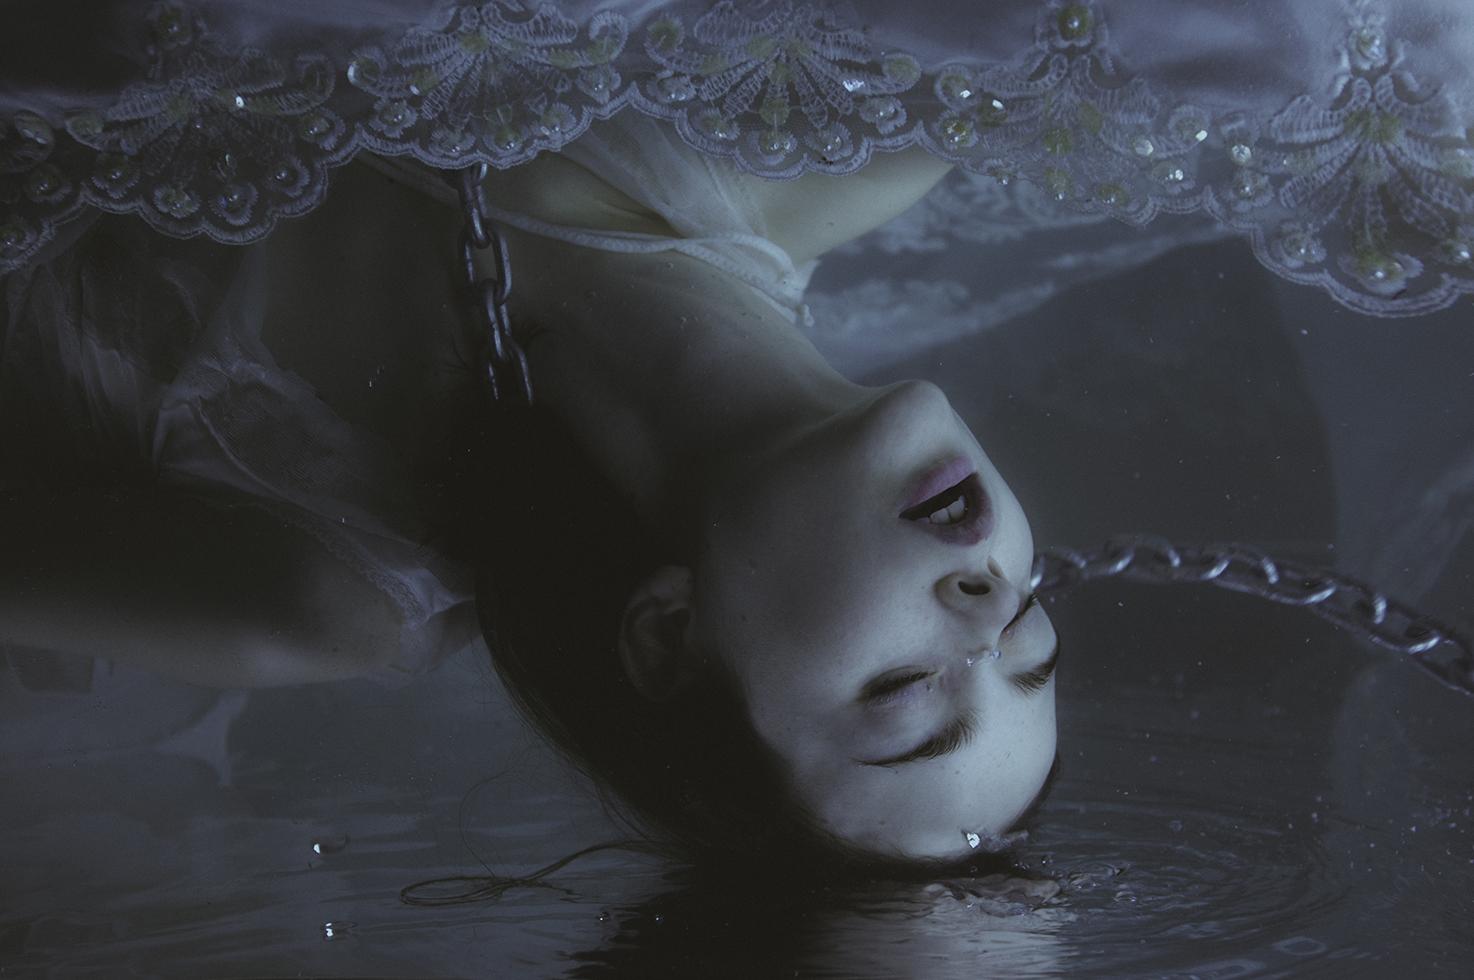 Mira Nedyalkova's Underwater Photography